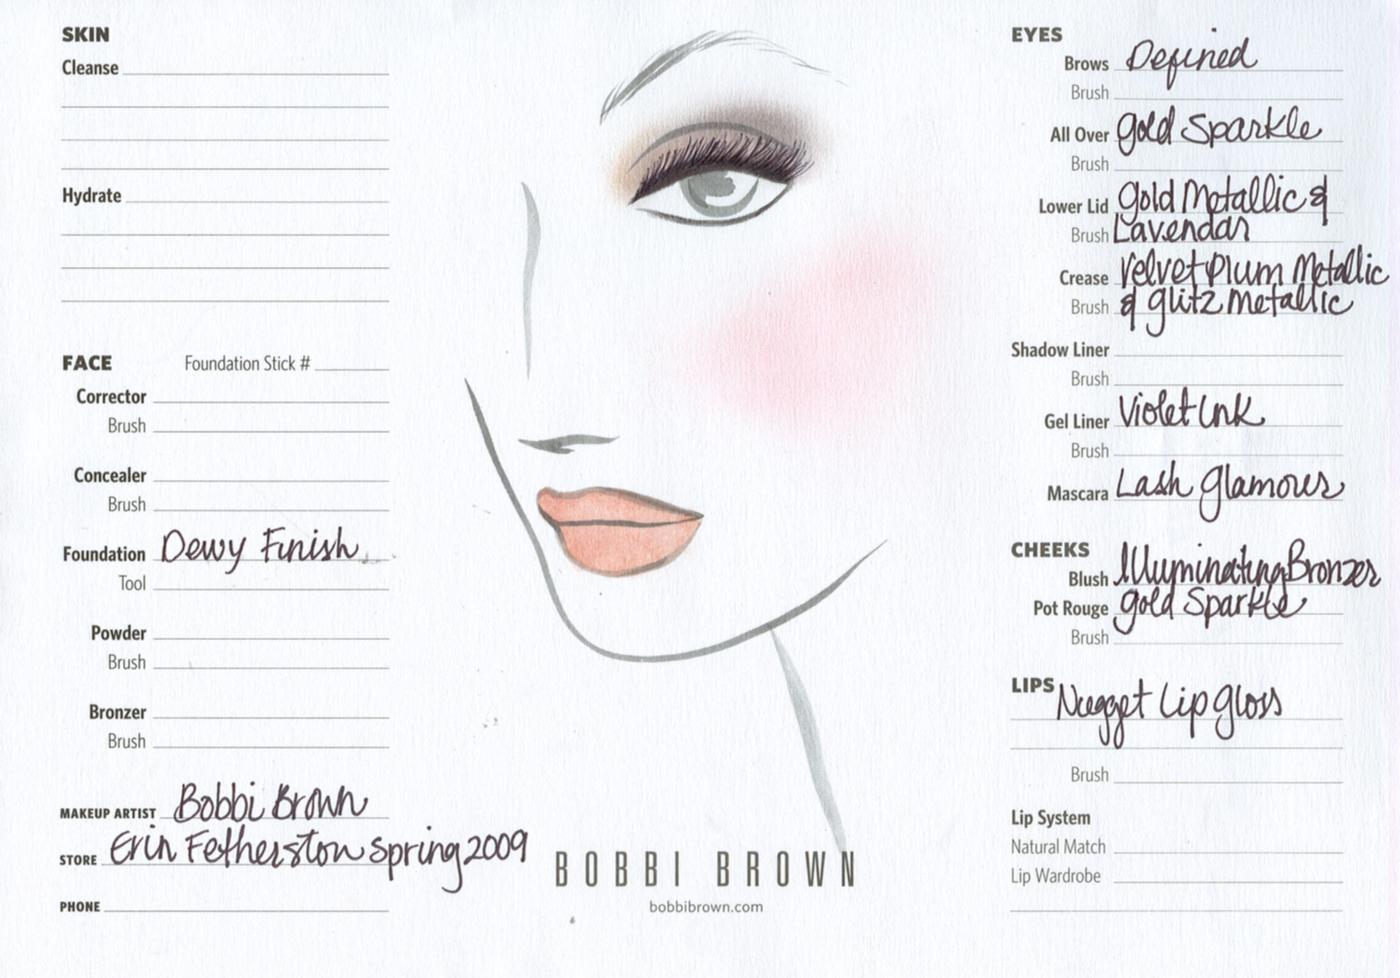 Blank Face Diagram Botox Rat Circulatory System Makeup Template Vidalondon